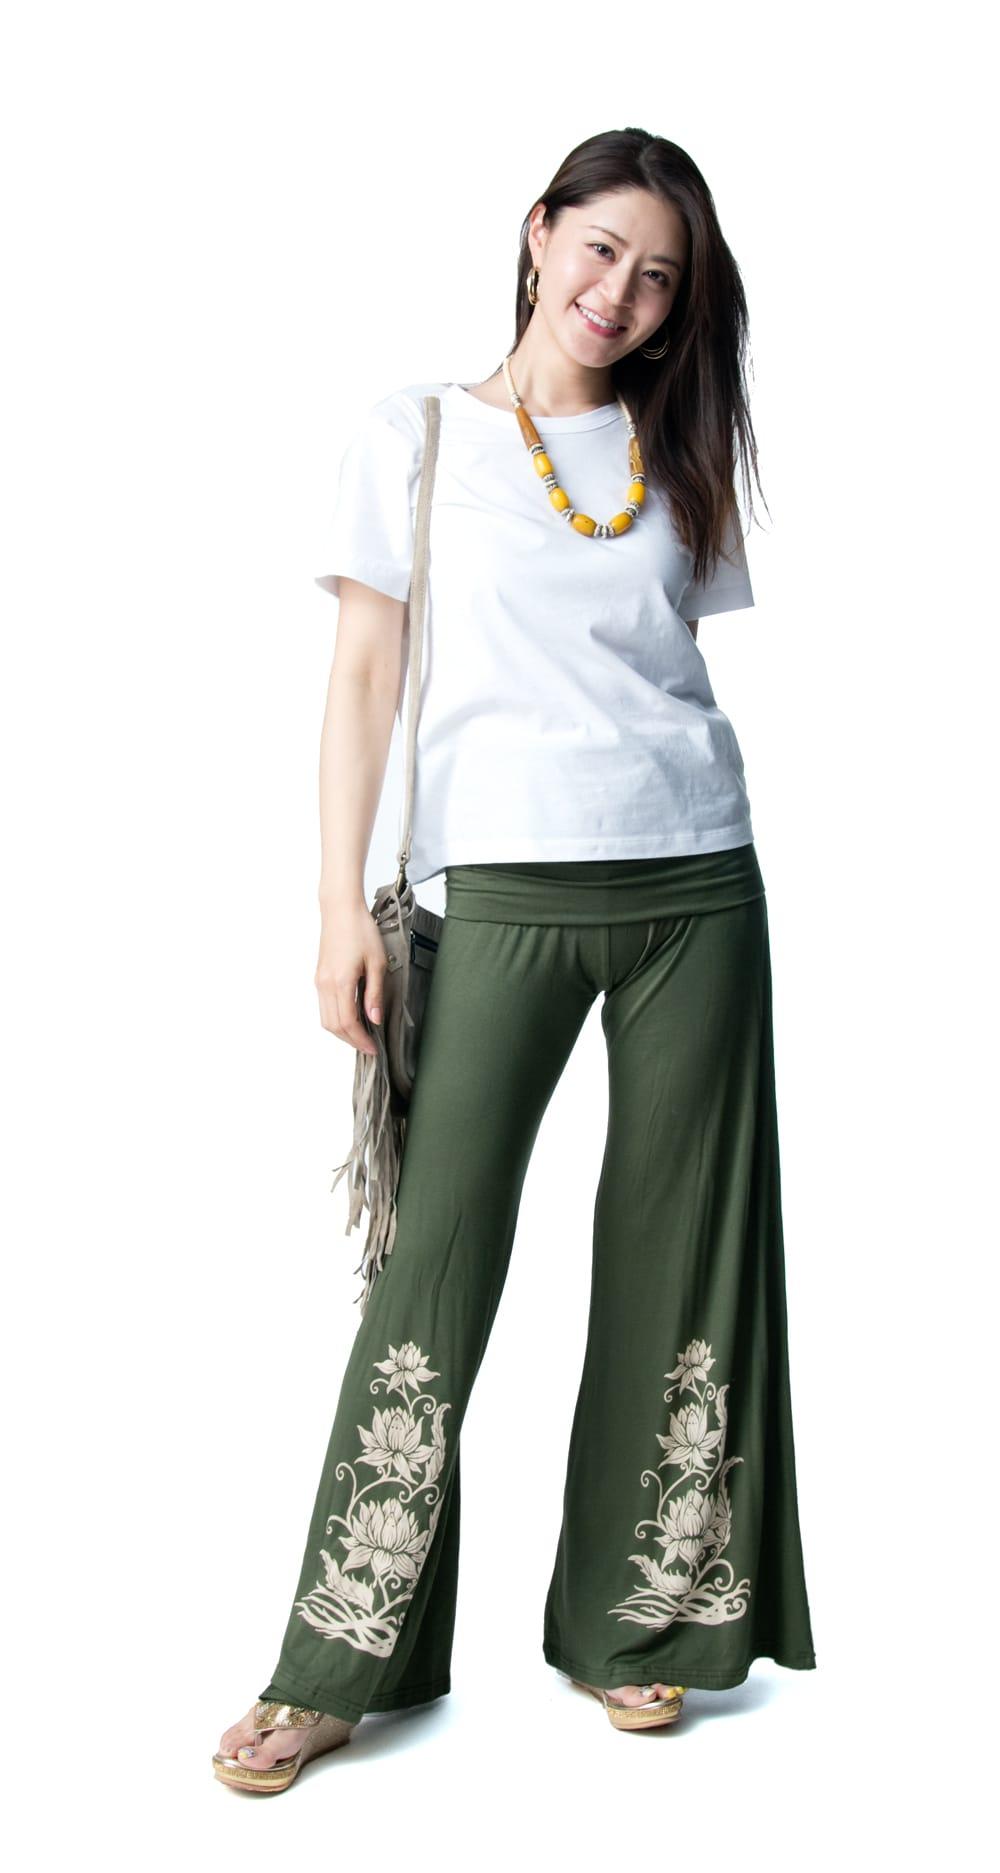 ロータスプリントのハイウエスト ガウチョパンツ 5 - Tシャツをインしなくてもスッキリしたラインで美しく着ていただけます。